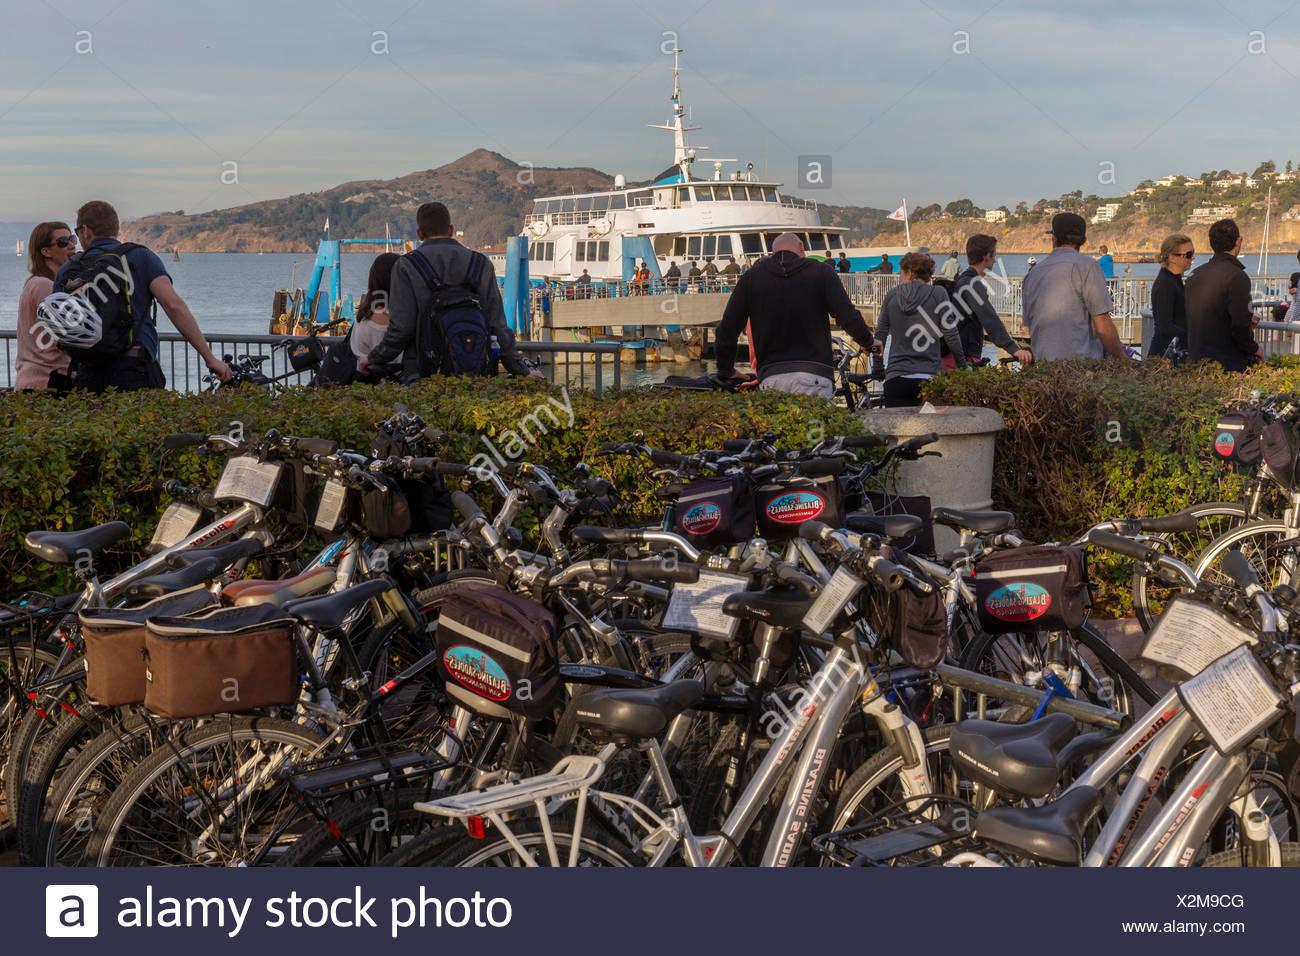 Fahrräder, Personen und Fähre im Hintergrund, Sausalito, Kalifornien, USA Stockbild